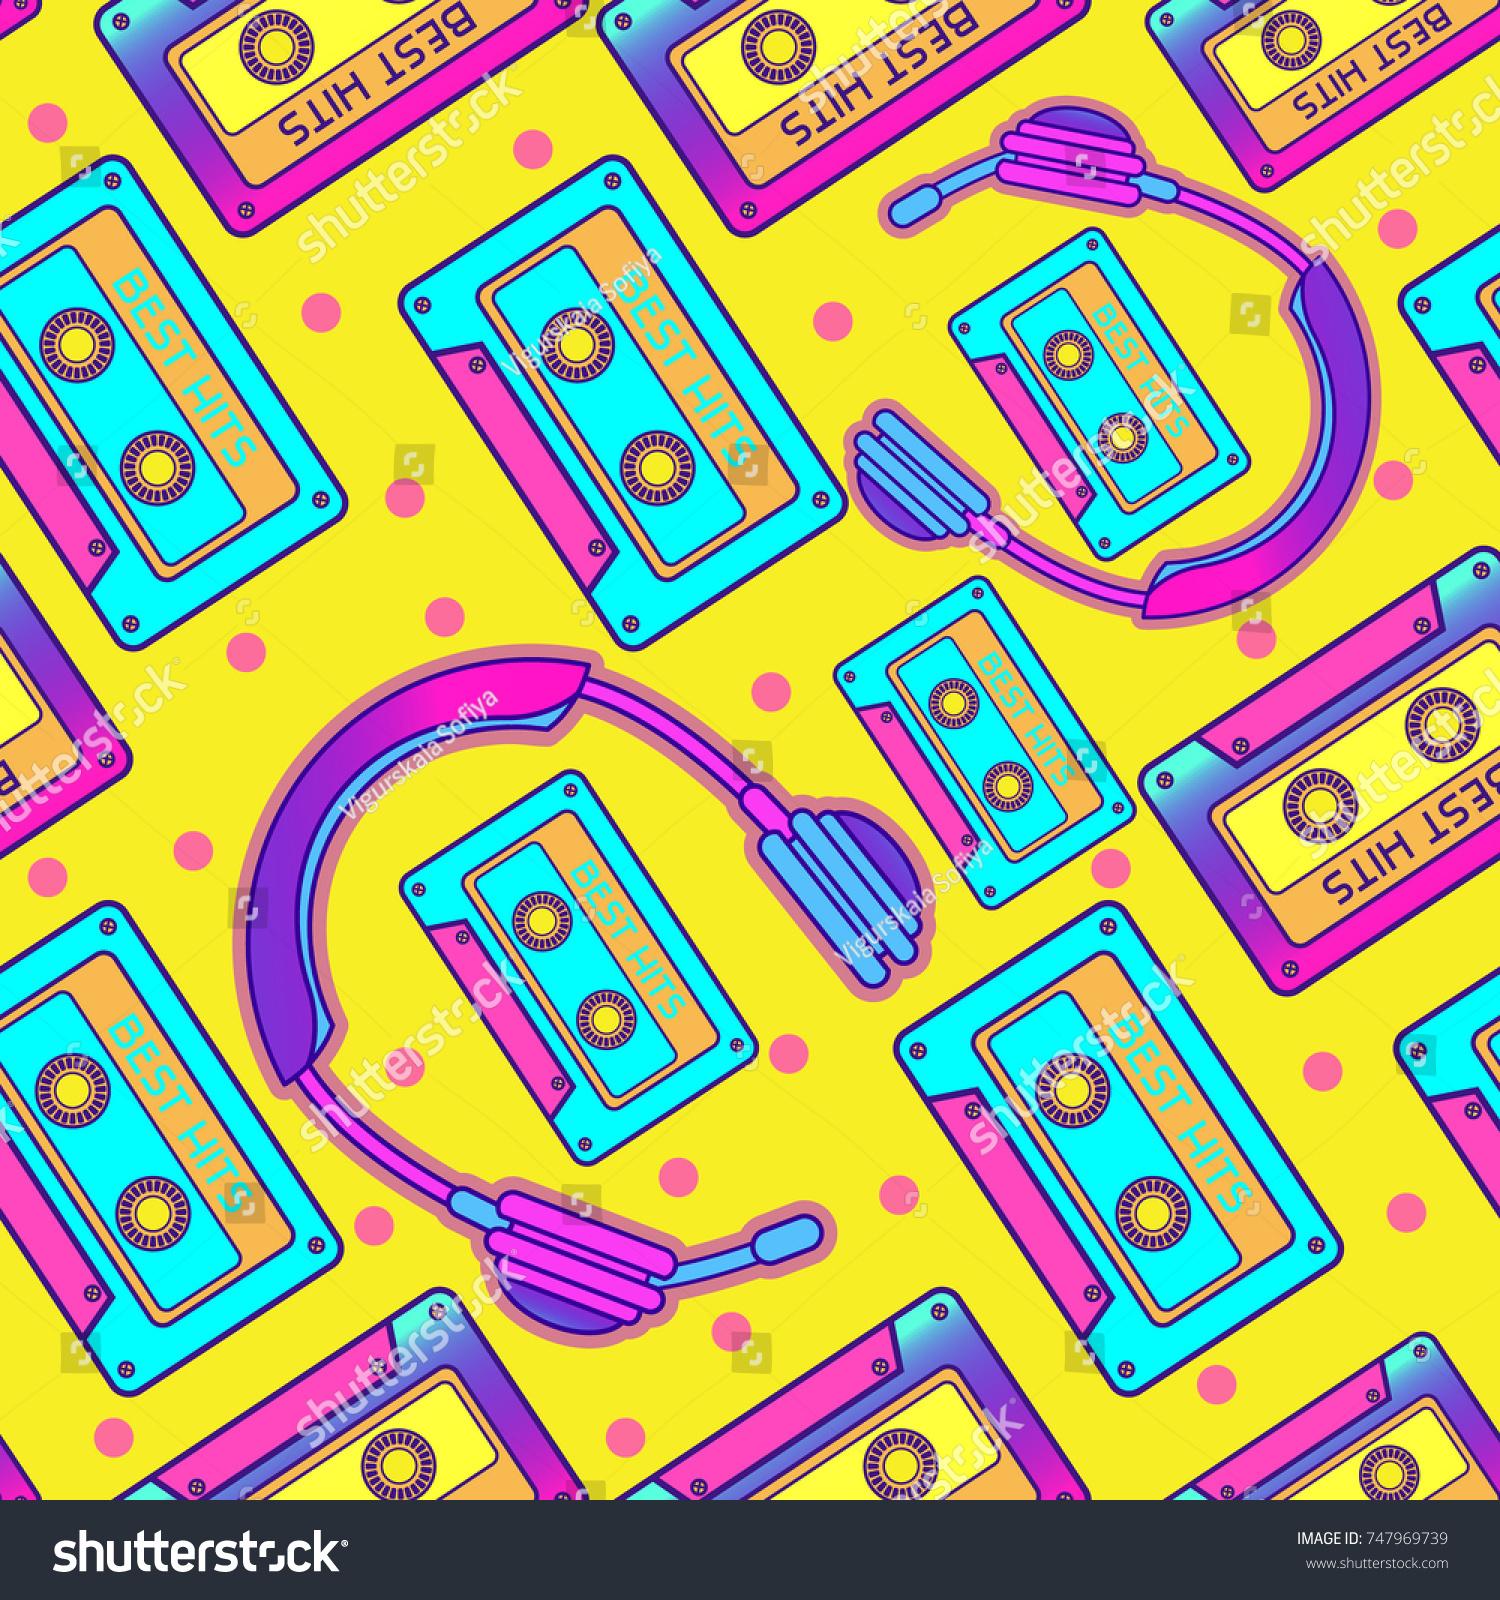 レトロなpop 90sオーディオシームレスパターン 背景 カセットと